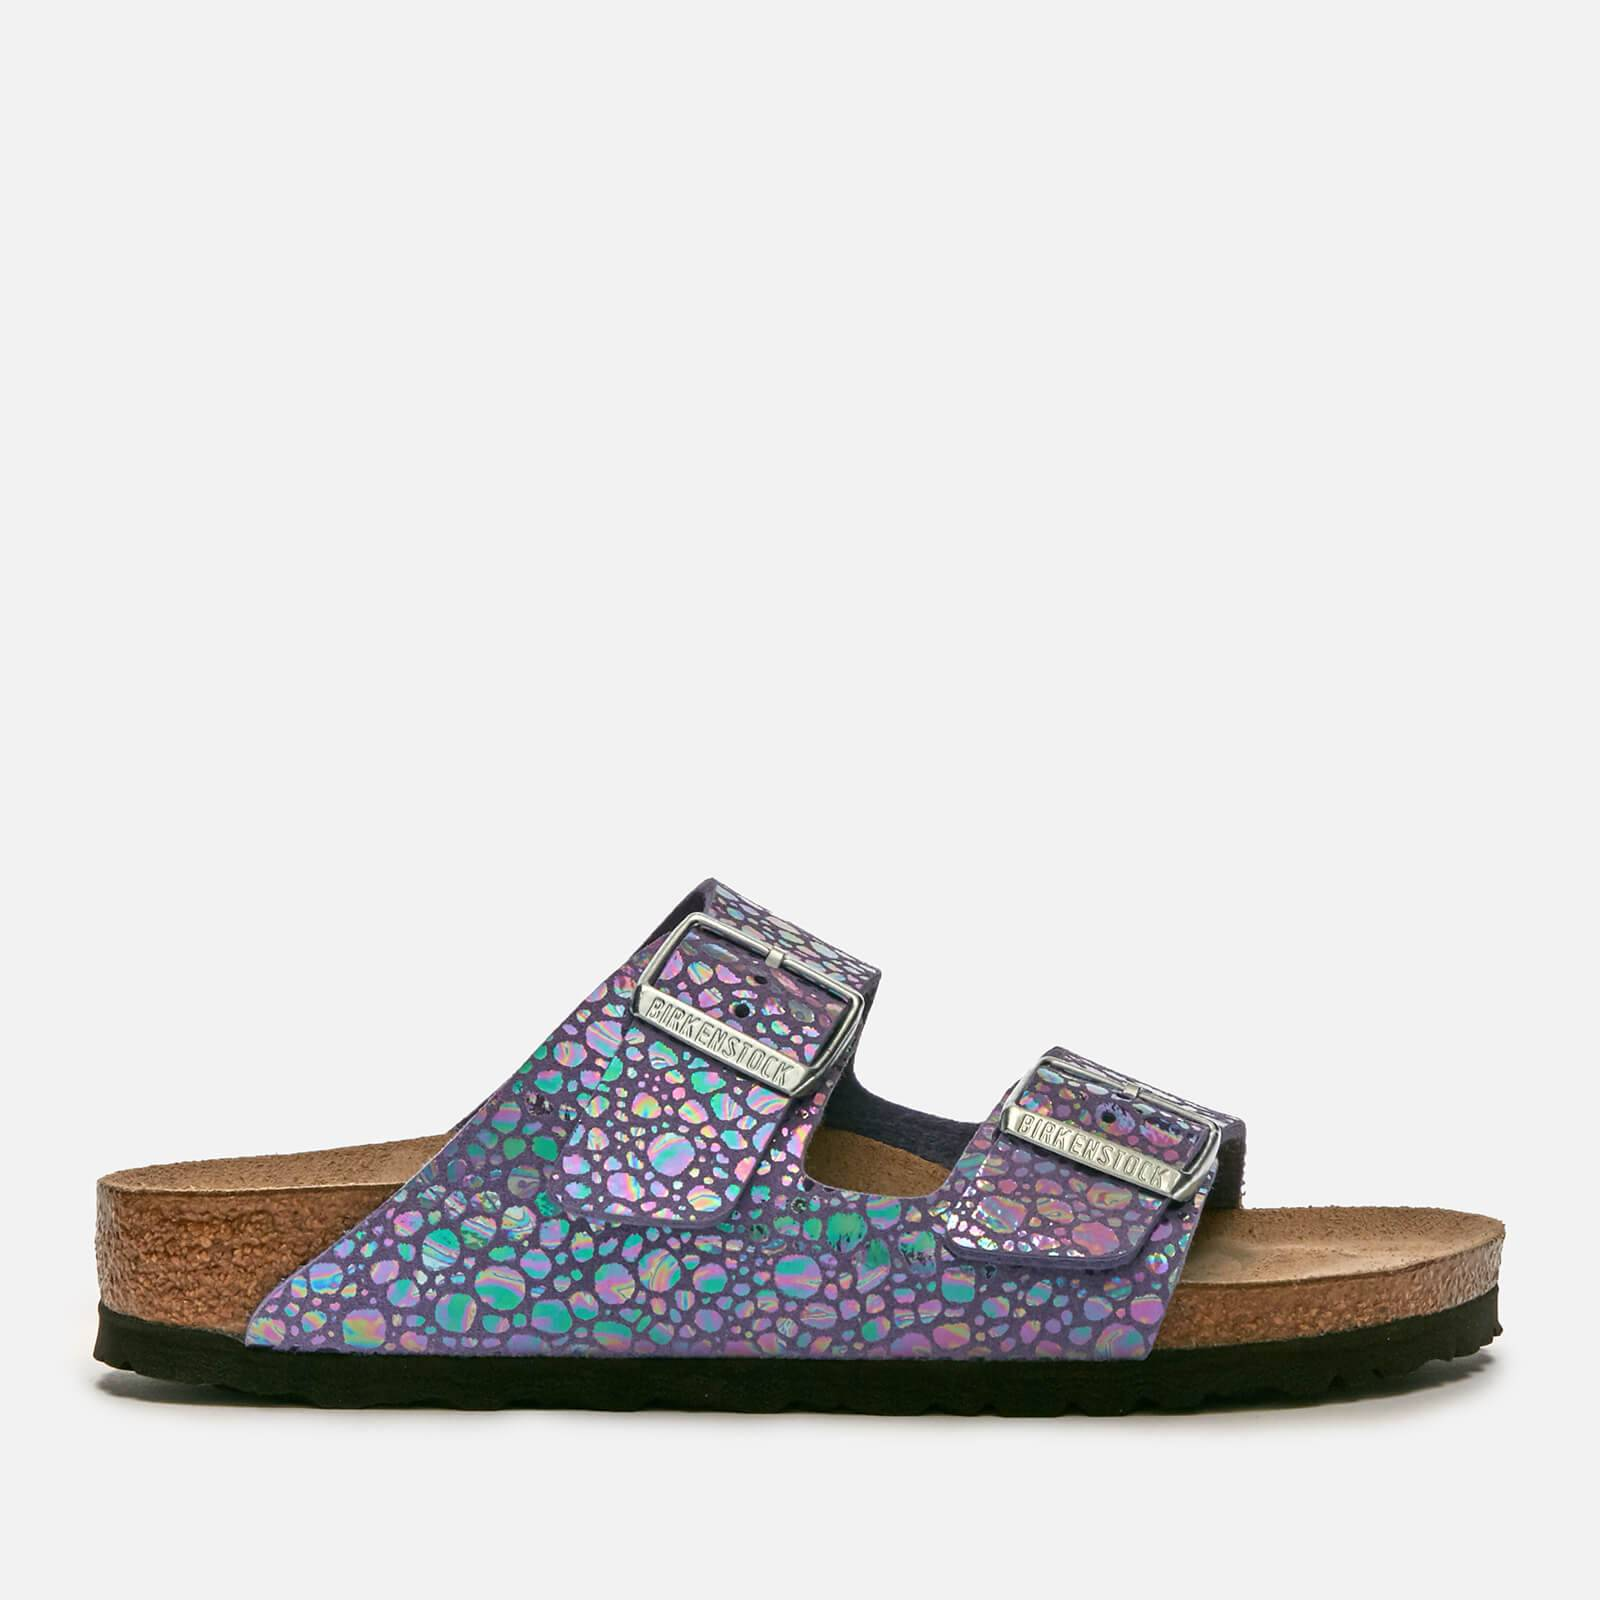 Birkenstock Women's Arizona Slim Fit Suede Double Strap Sandals - Metallic Stones Violet - UK 7.5 - Purple